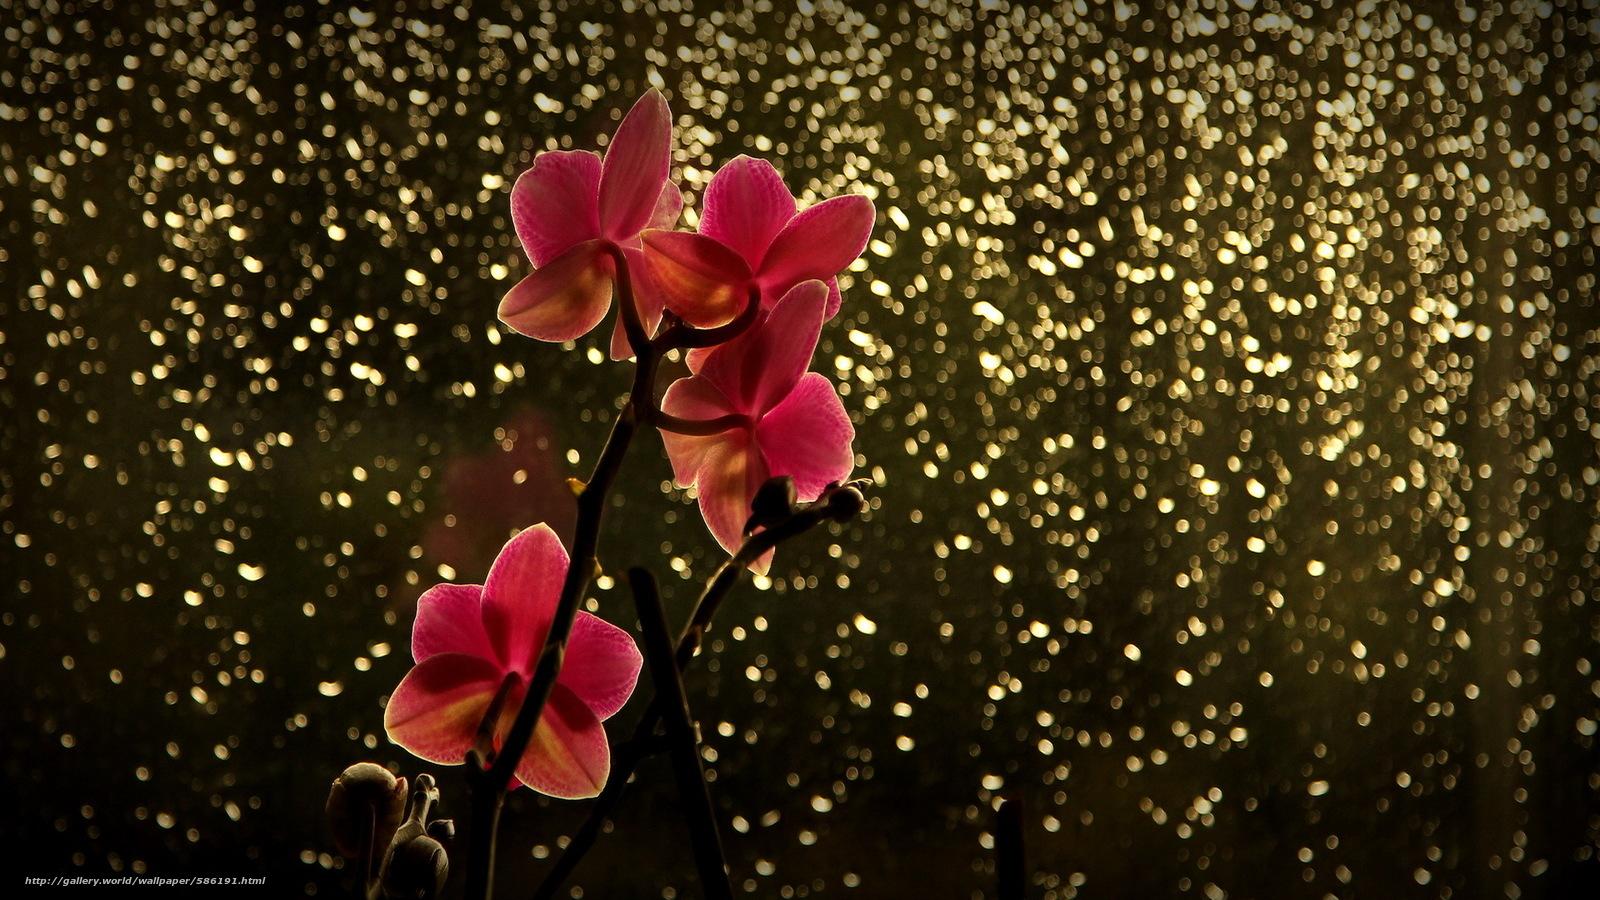 Скачать обои блики,  красная,  орхидея,  ветка бесплатно для рабочего стола в разрешении 1920x1080 — картинка №586191